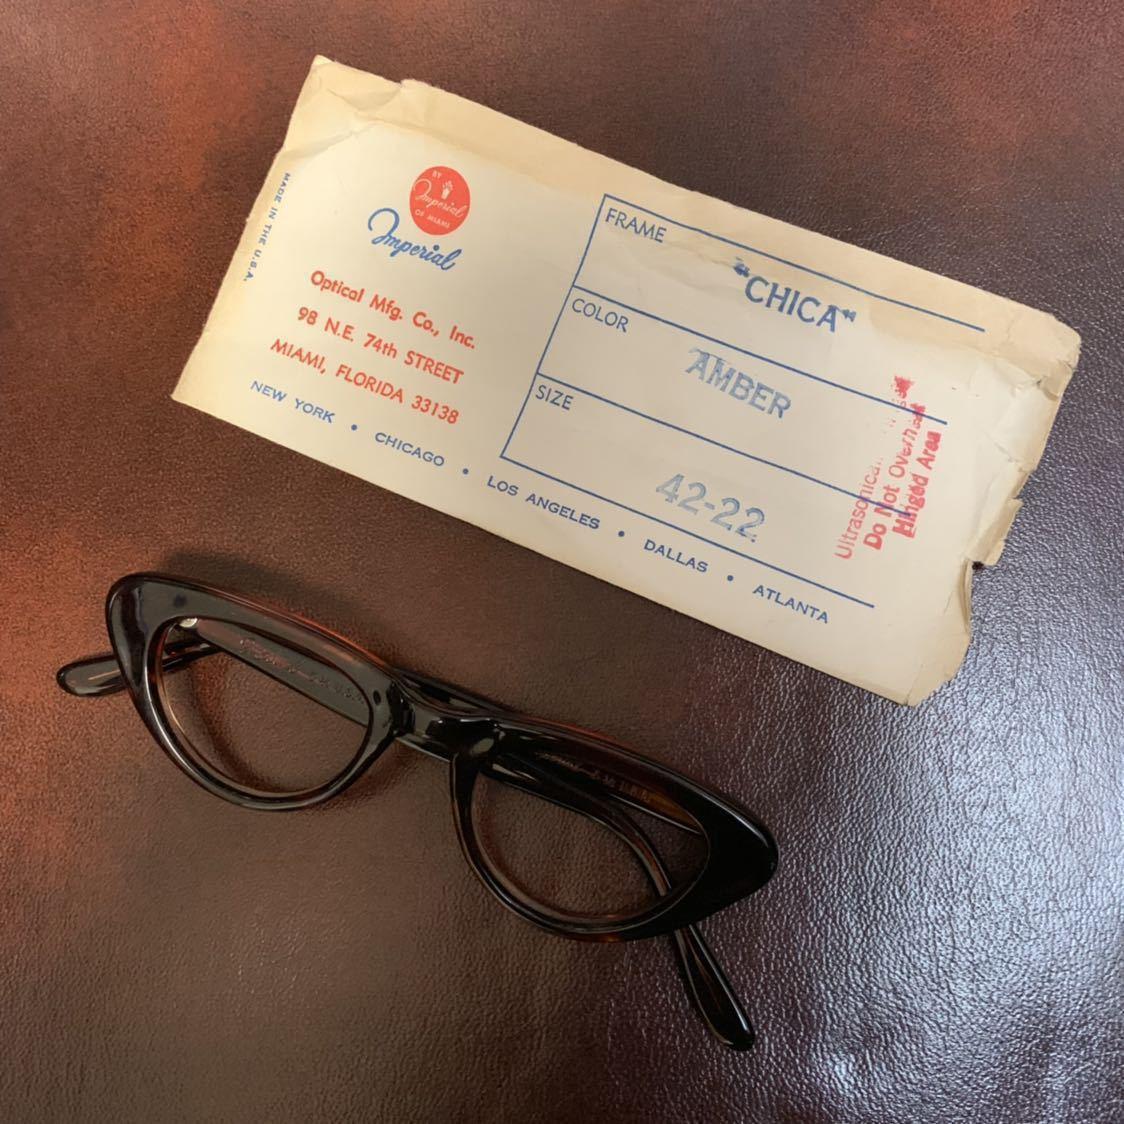 ヴィンテージ 50's デッドストック IMPERIAL セルフレーム 眼鏡 メガネ フォックス キャッツアイ_画像4